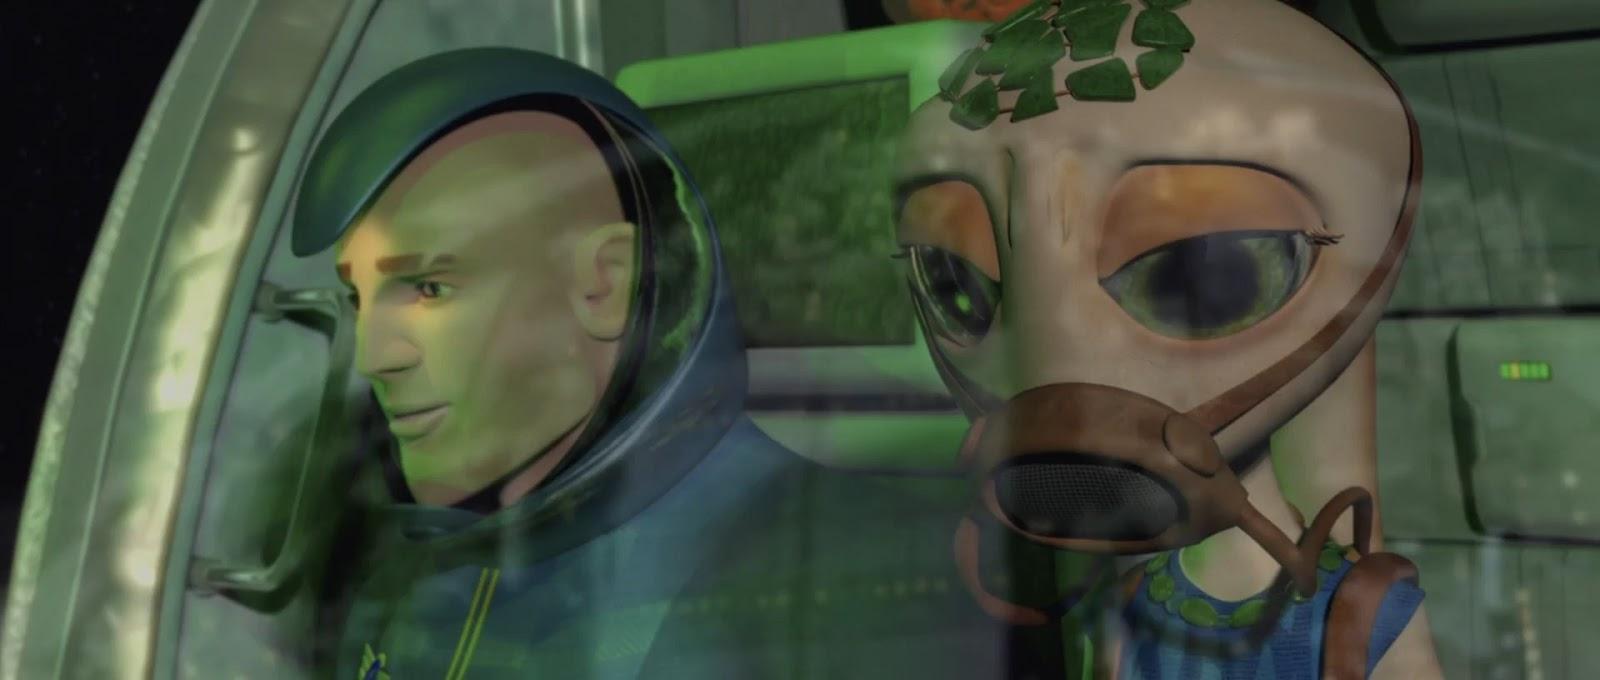 Batalla por Terra (2007) 1080p - Latino [Mega]